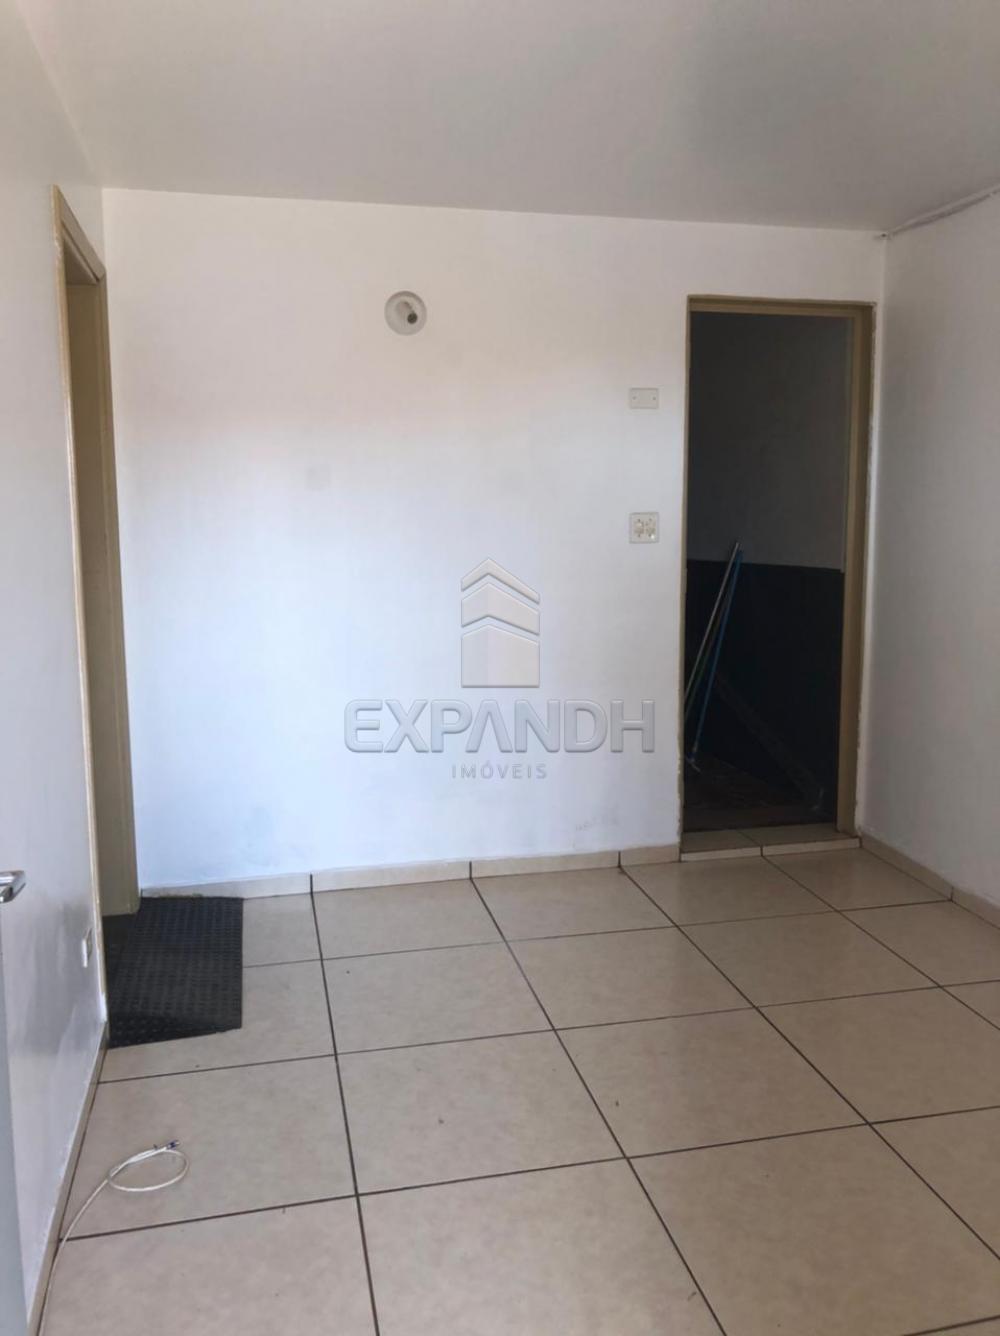 Alugar Casas / Padrão em Sertãozinho R$ 1.000,00 - Foto 2